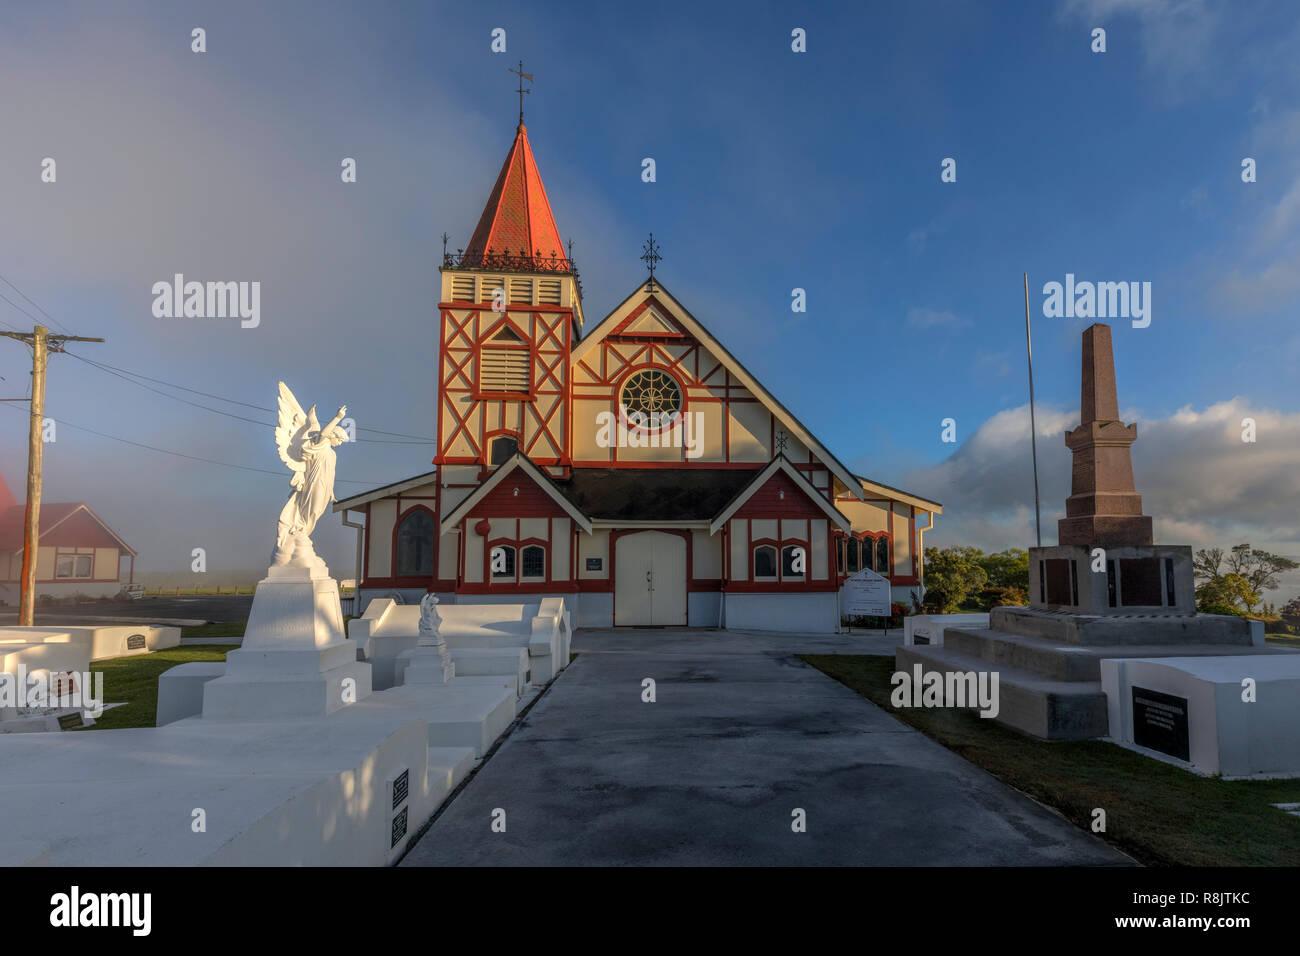 Rotorua, Bay of Plenty, North Island, New Zealand - Stock Image